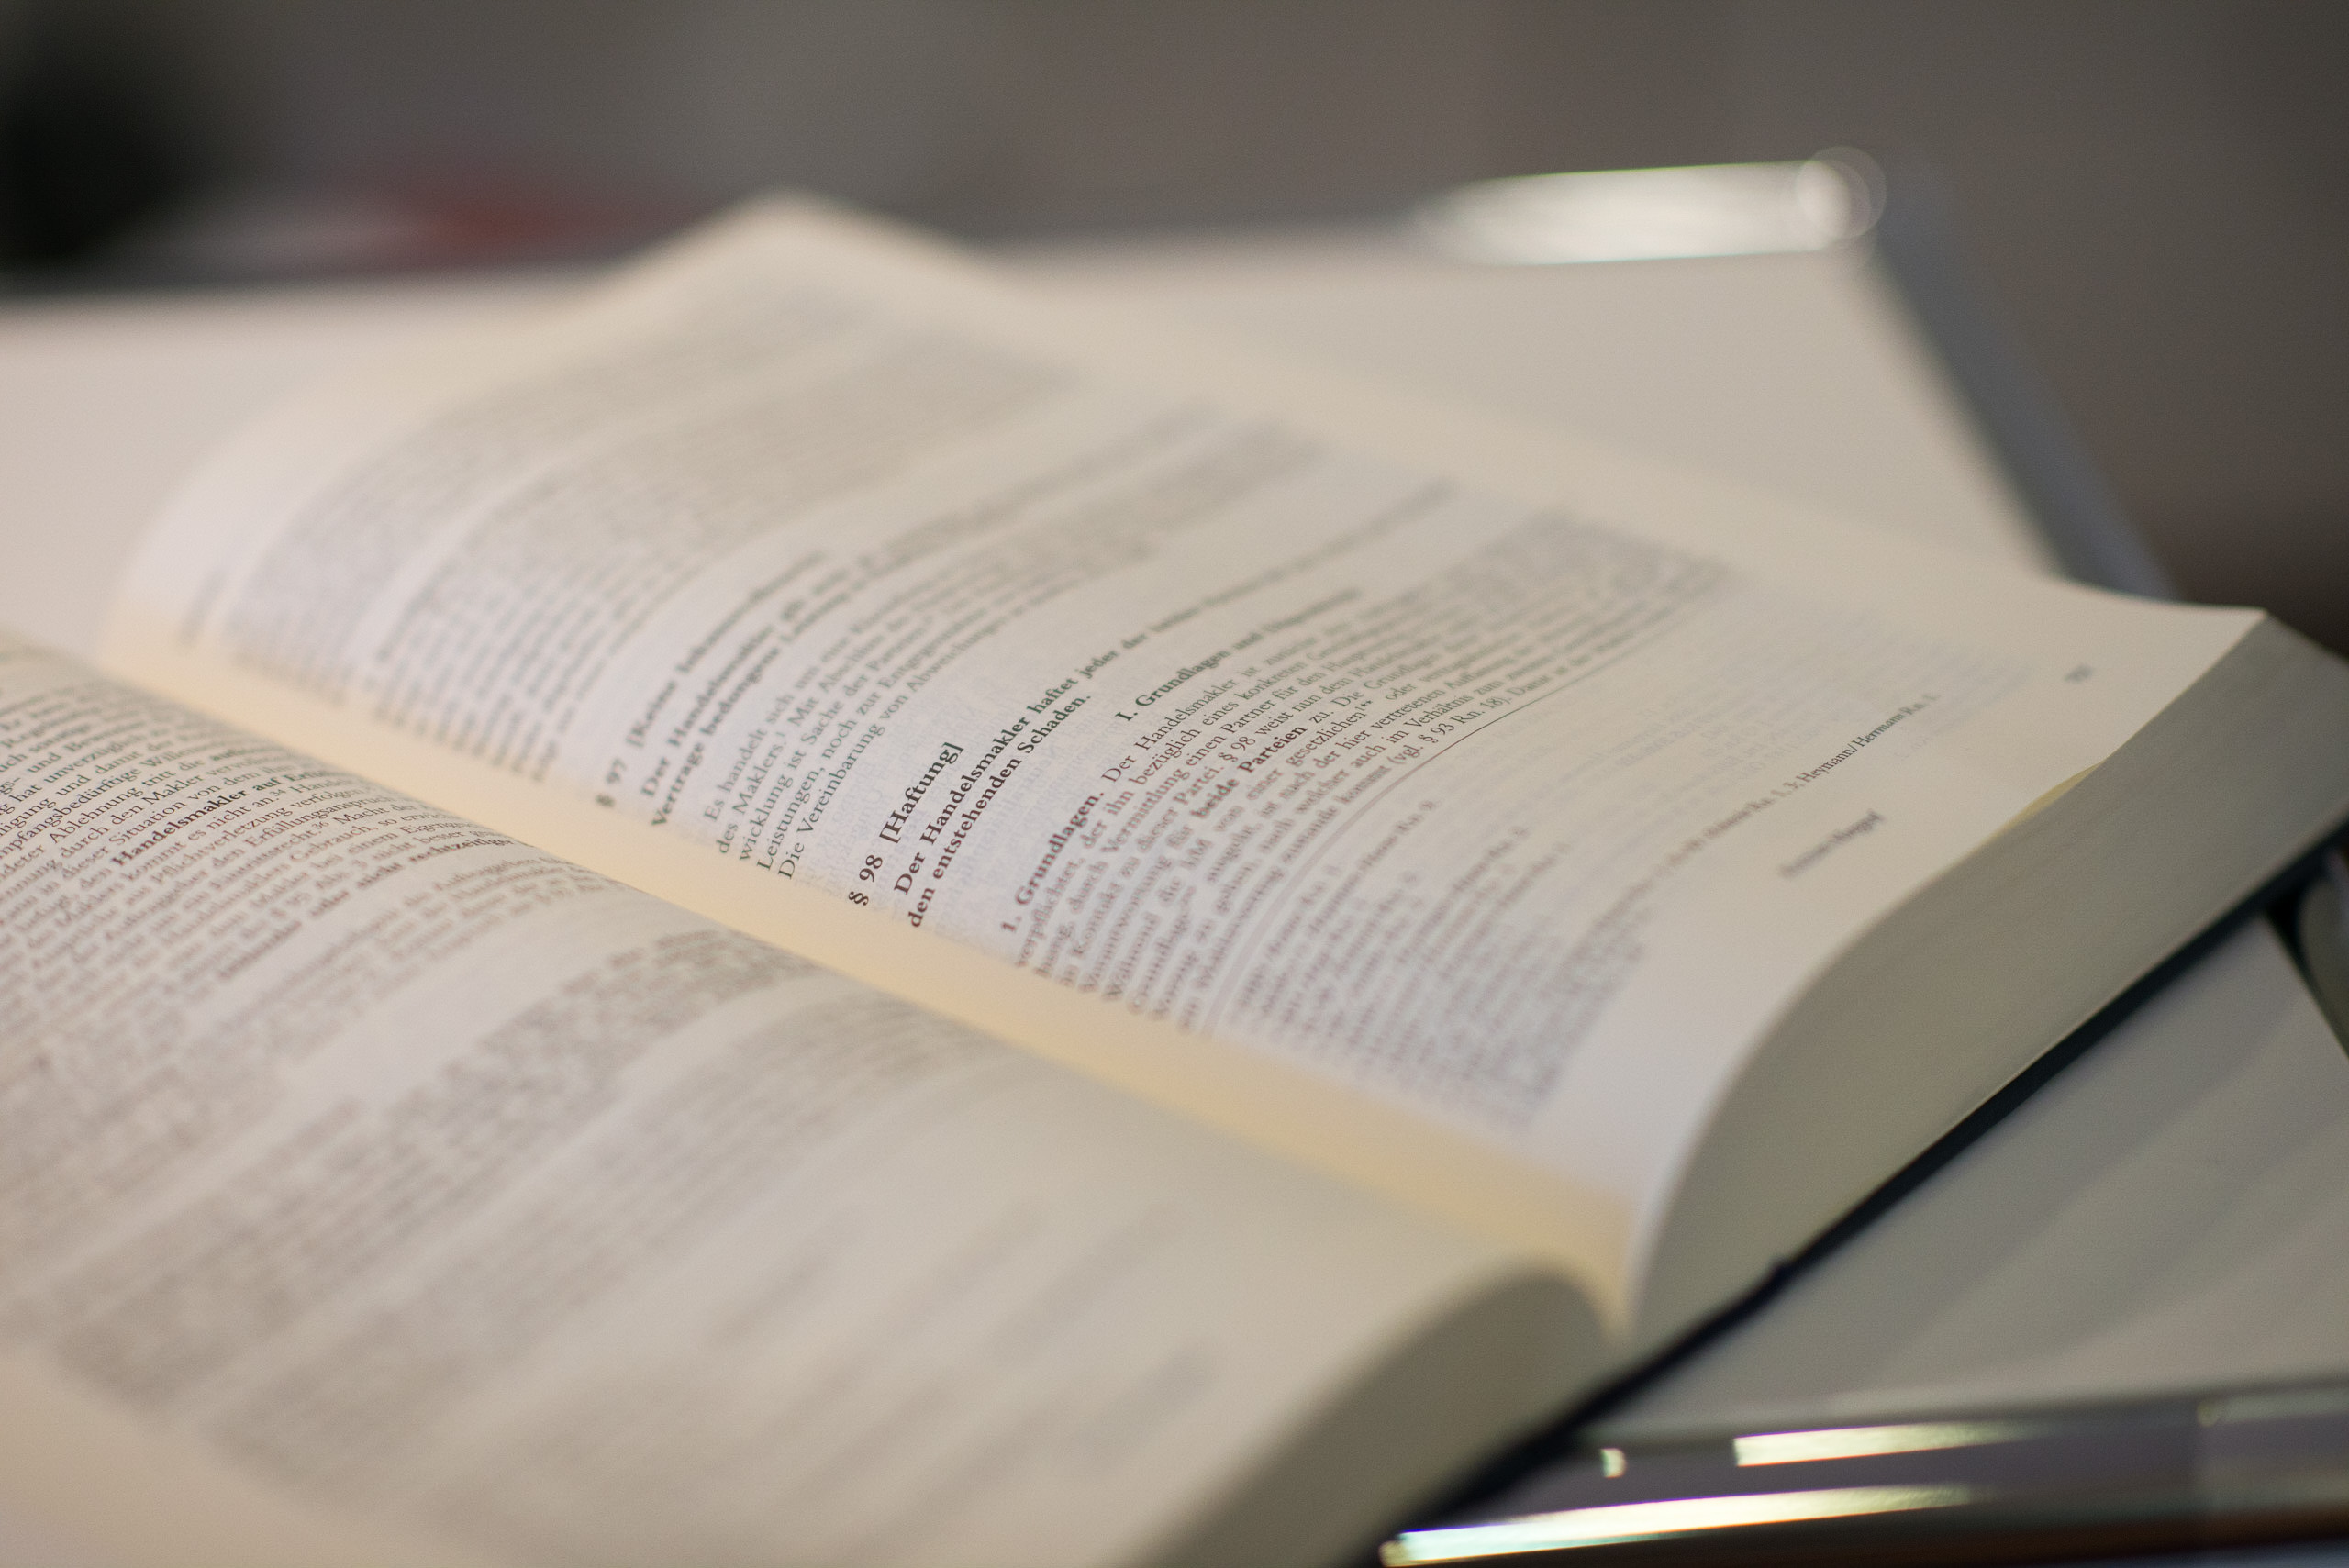 réserver l'obligation légale de publication du site internet